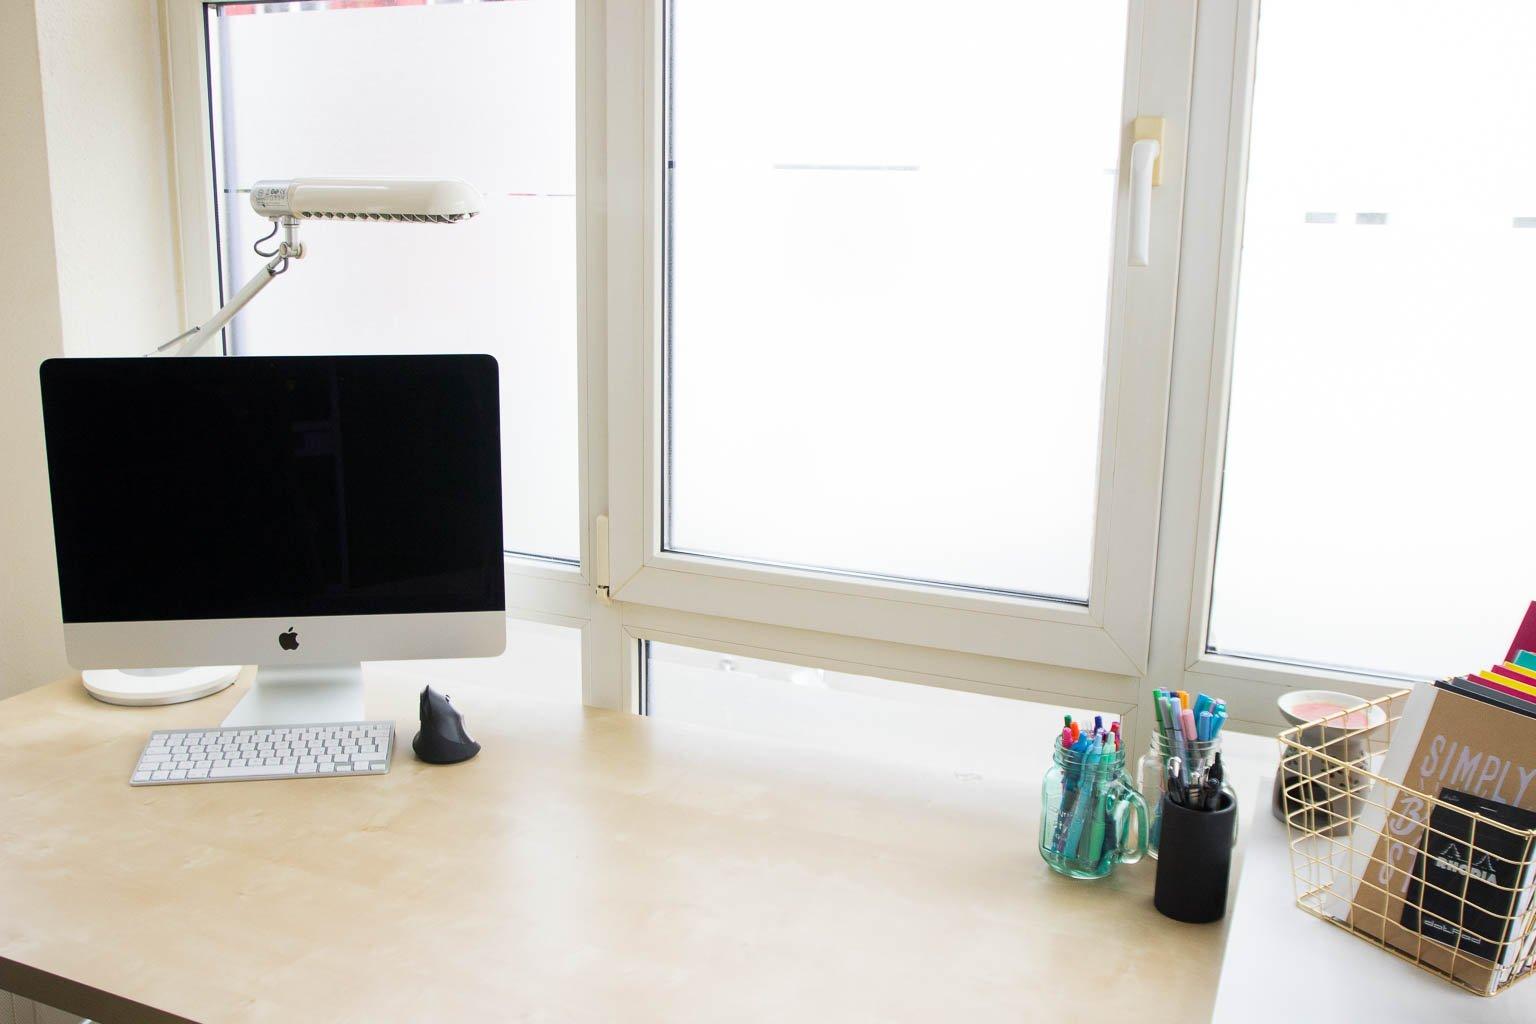 es wird ordentlich endlich zu hause ordnung schaffen miss konfetti. Black Bedroom Furniture Sets. Home Design Ideas